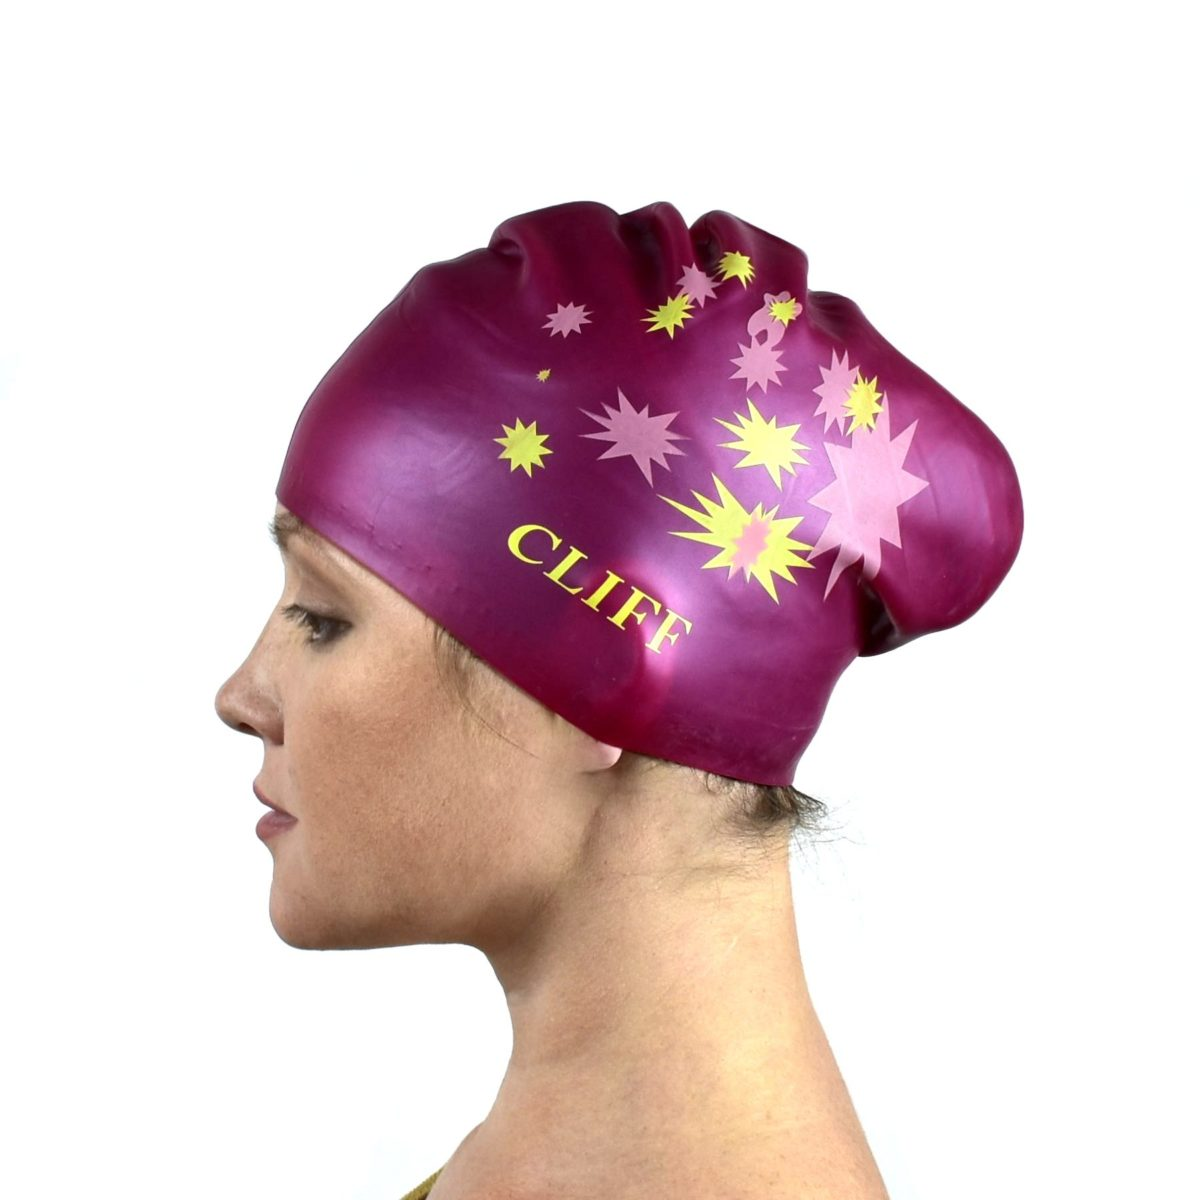 CLIFF Шапочка для плавания силикон. д/длинных волос  CS13: бордовый - 1